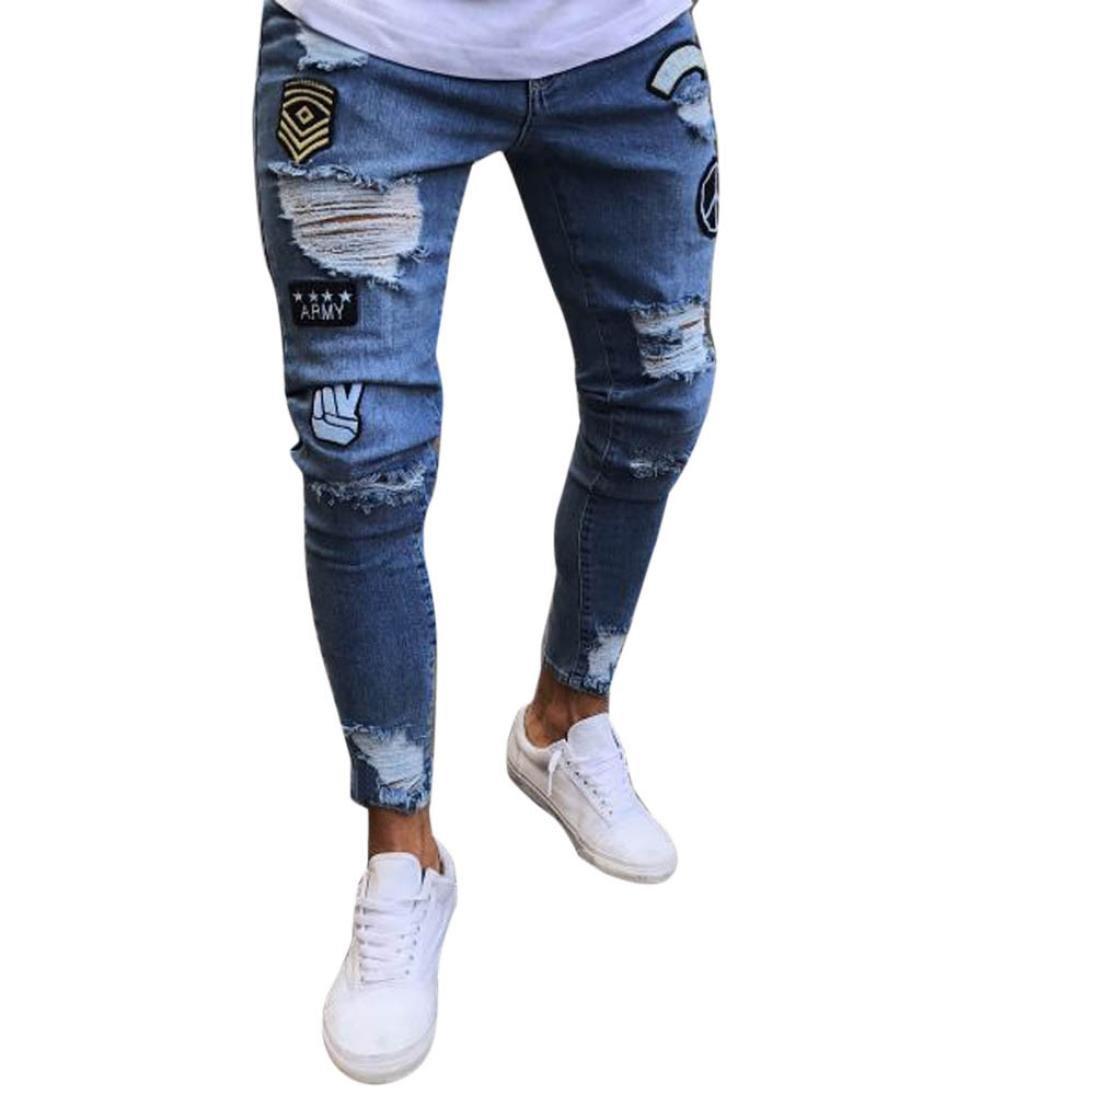 Pantalones vaqueros hombres rotos,Sonnena Hombres Pantalones rasgado Slim Fit motocicleta Vintage jeans hiphop streetwear pantalones: Amazon.es: Belleza